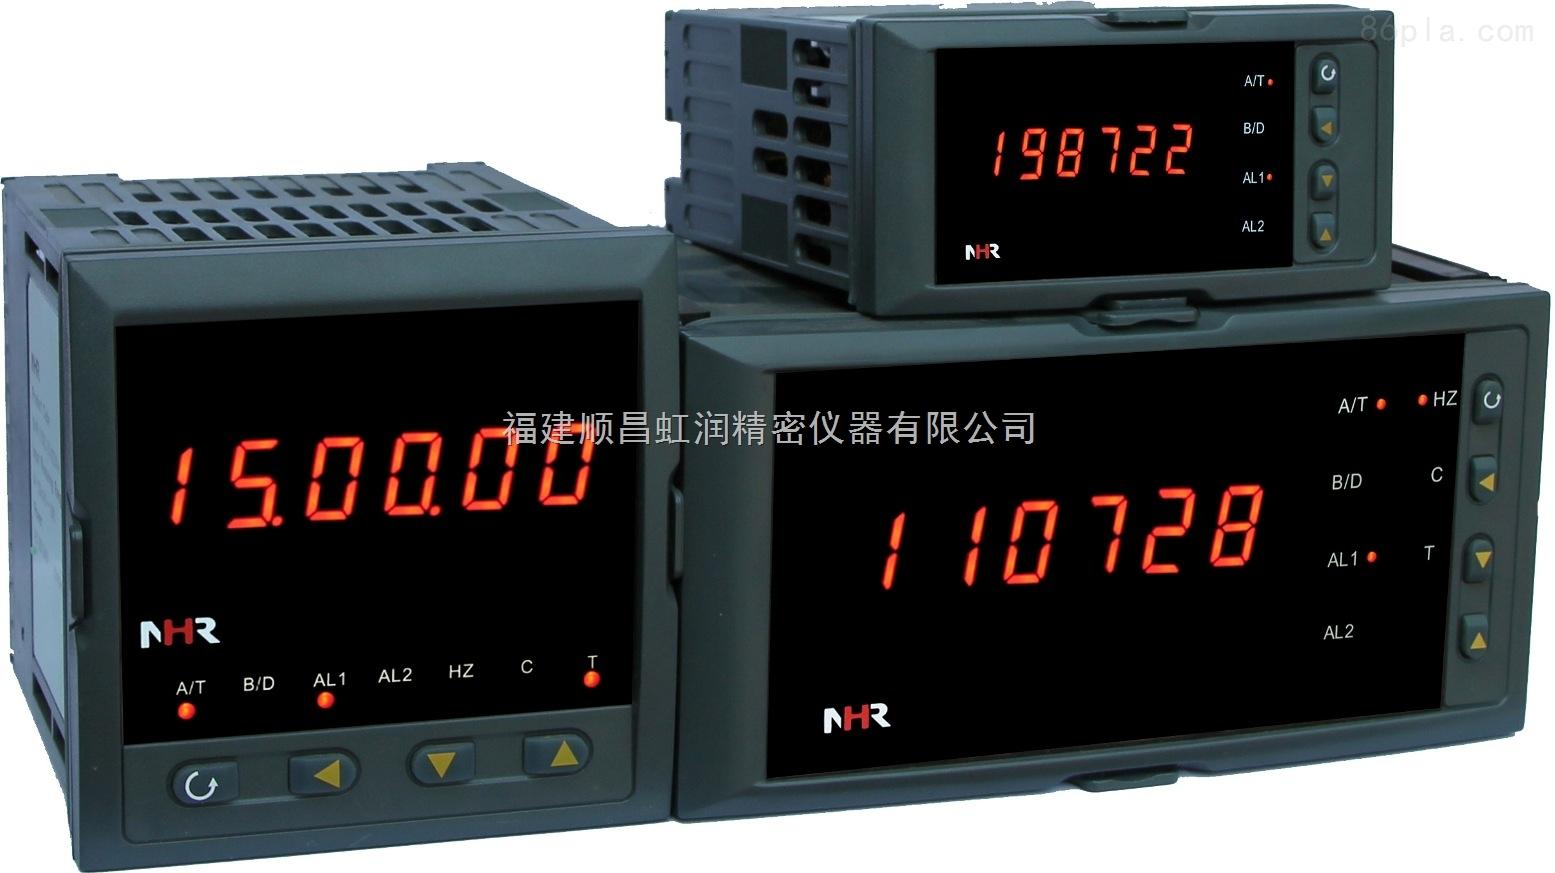 NHR-2400系列频率/转速表